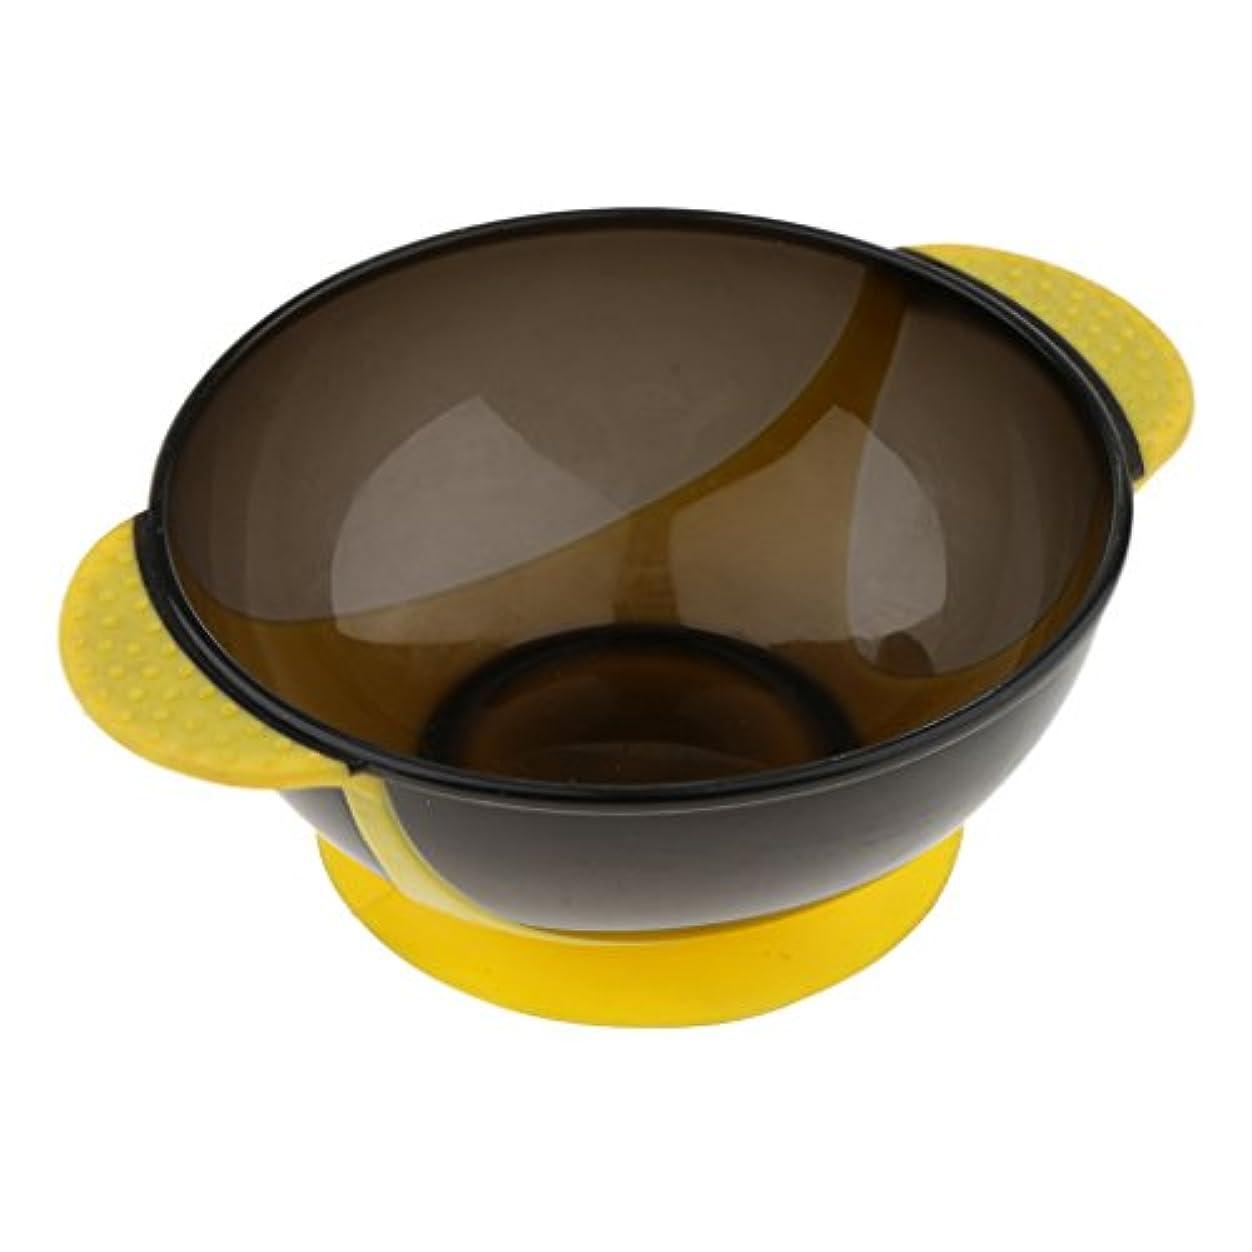 させるフラフープ買い手Perfk ヘアダイボウル プラスチック製 サロン 髪染め ミントボウル 着色ツール 吸引ベース 3色選べる - 黄